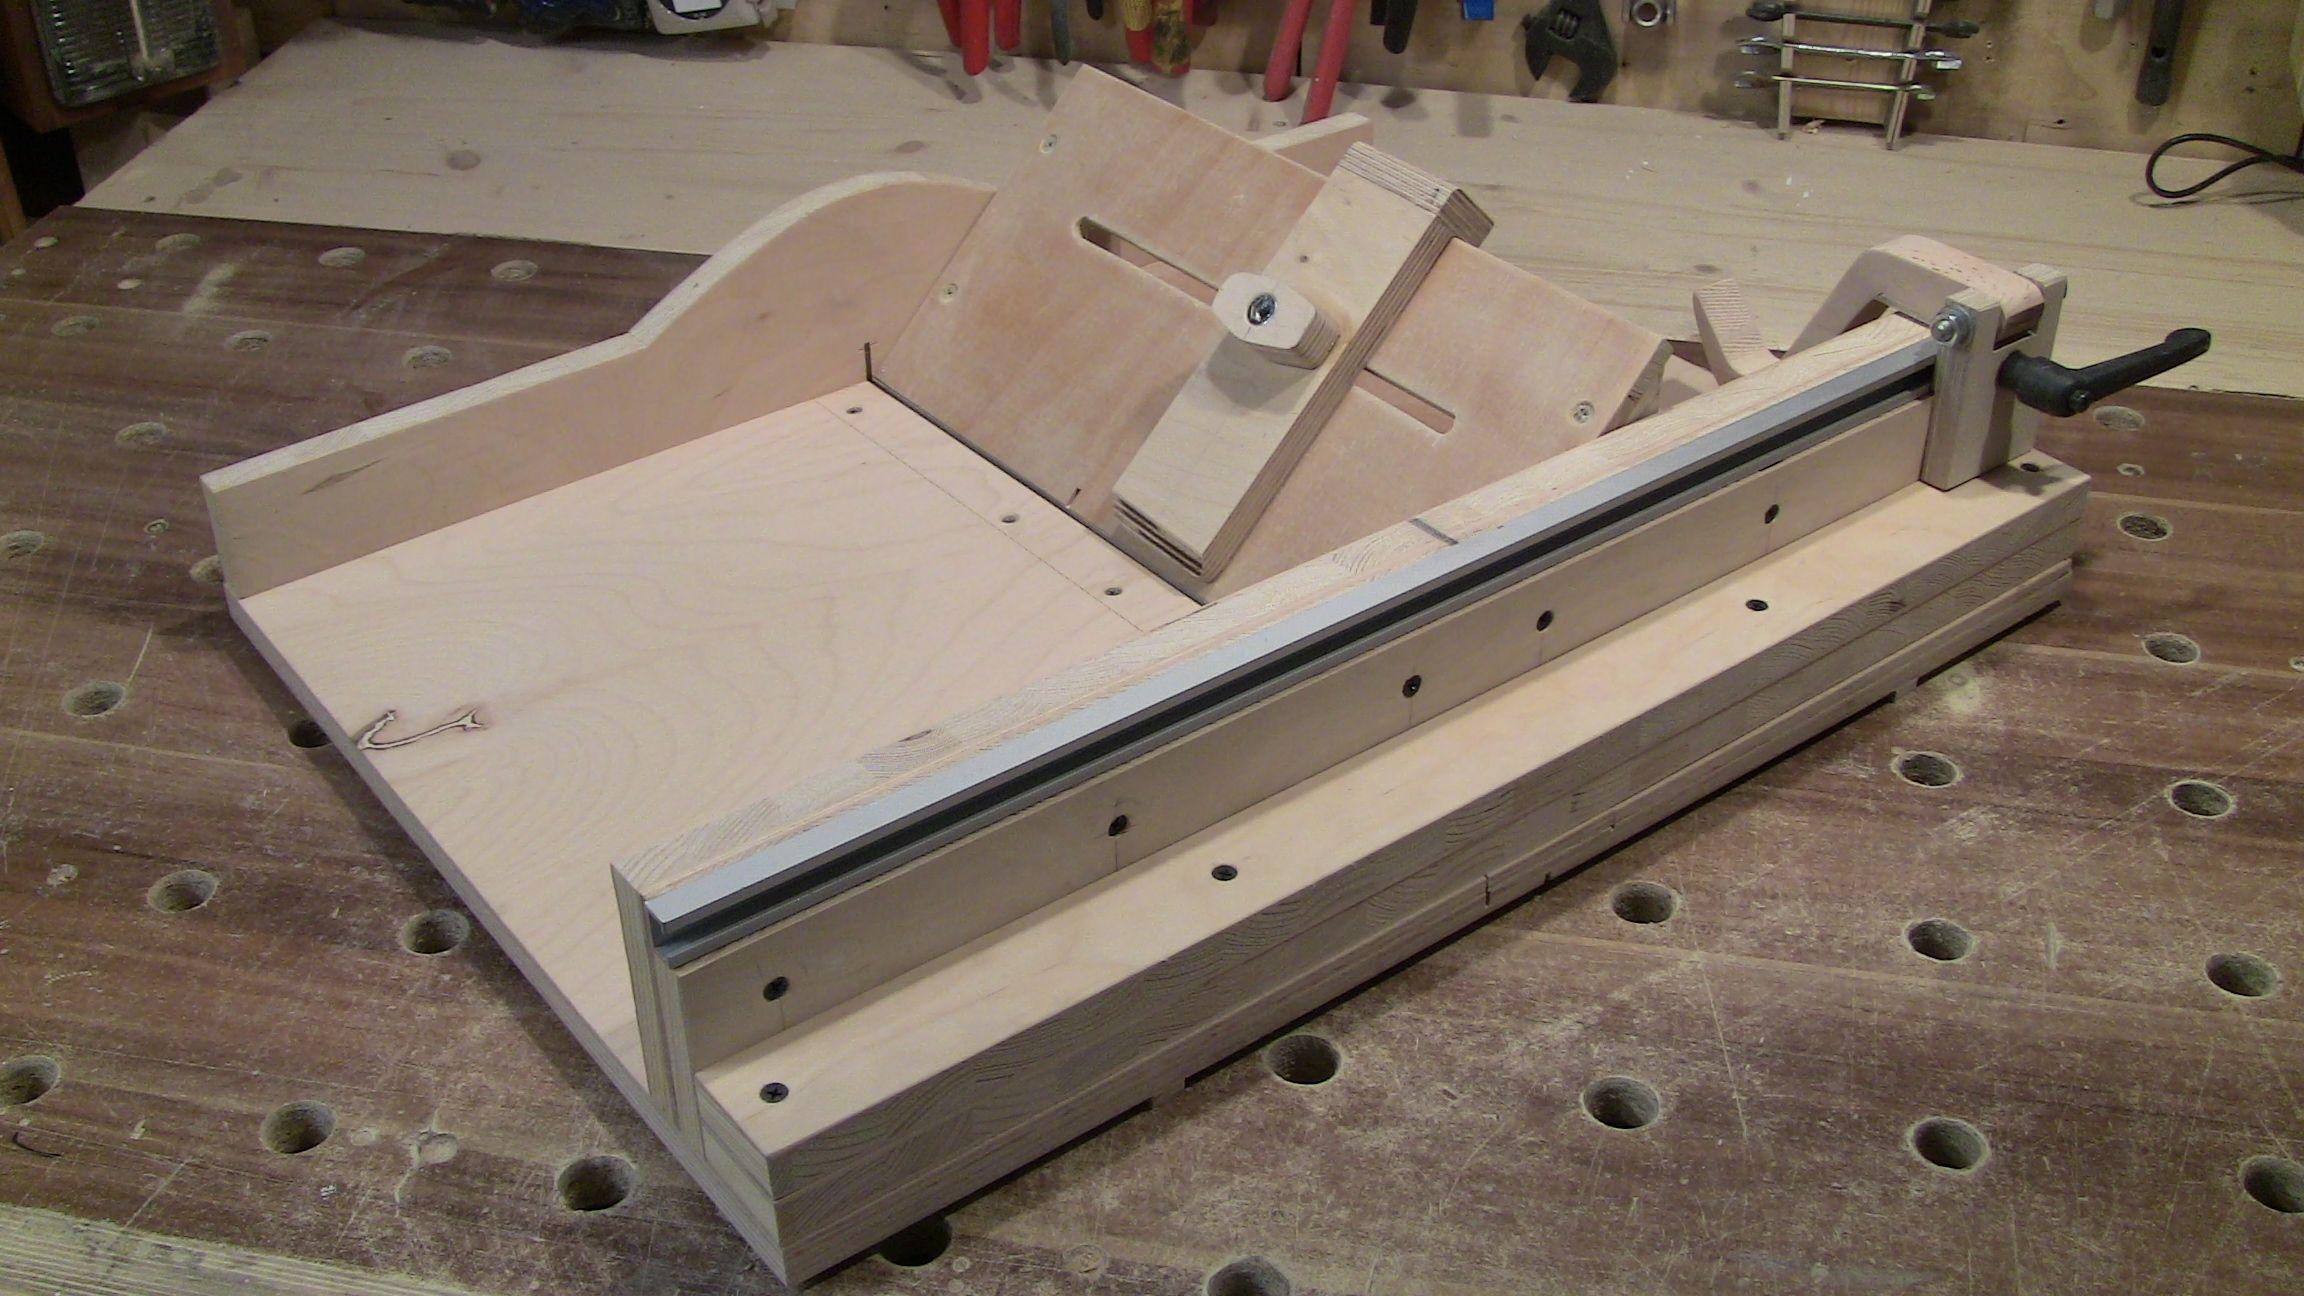 schiebeschlitten f r die tks bauanleitung zum selber bauen troppy s projekte pinterest. Black Bedroom Furniture Sets. Home Design Ideas